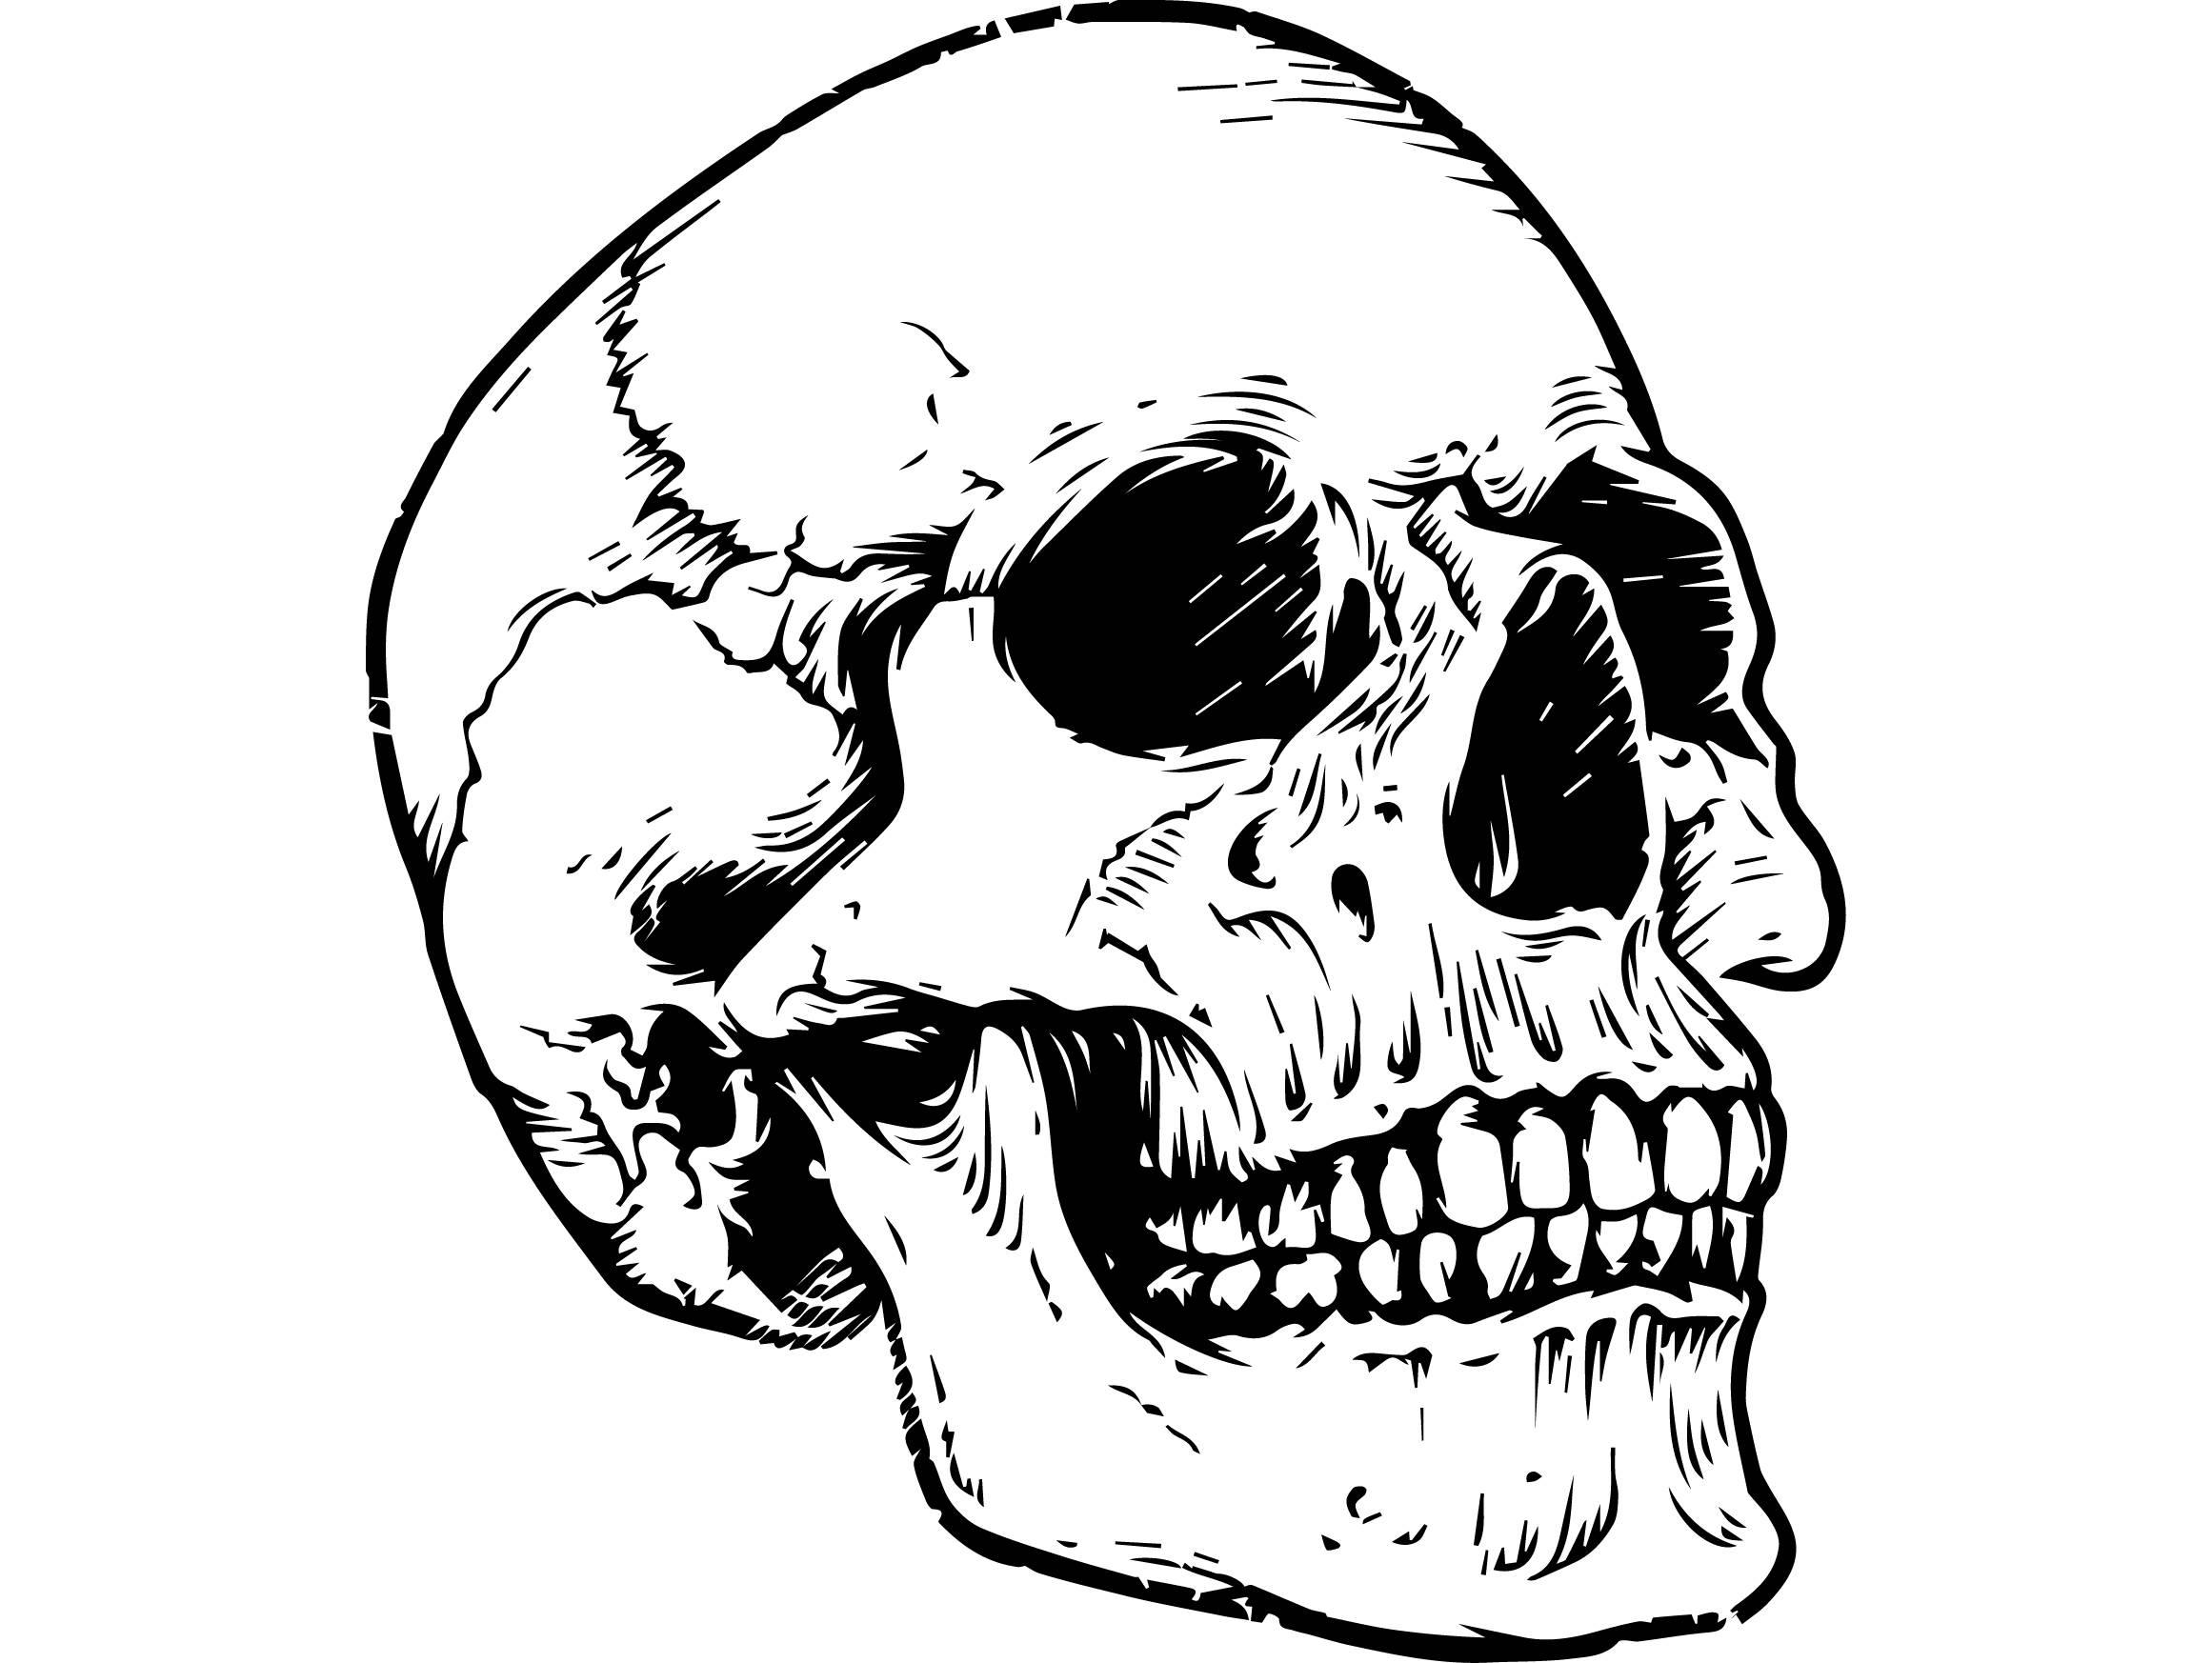 прикольный рисунок черепа создает миниатюрные